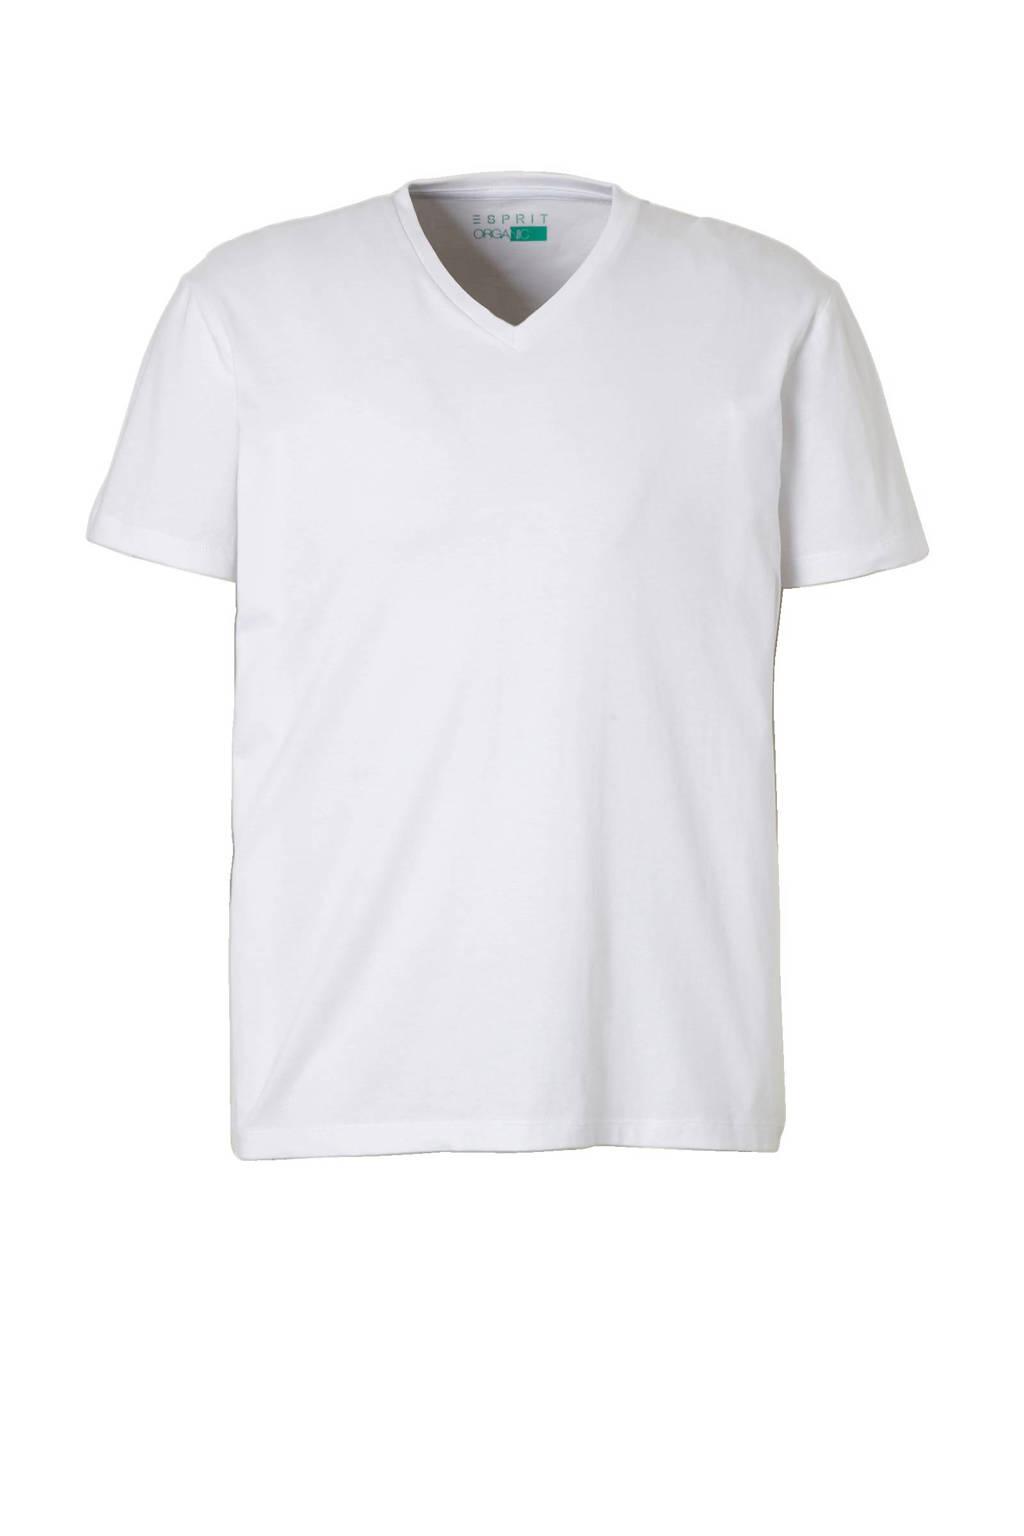 ESPRIT Men Casual T-shirt, Wit